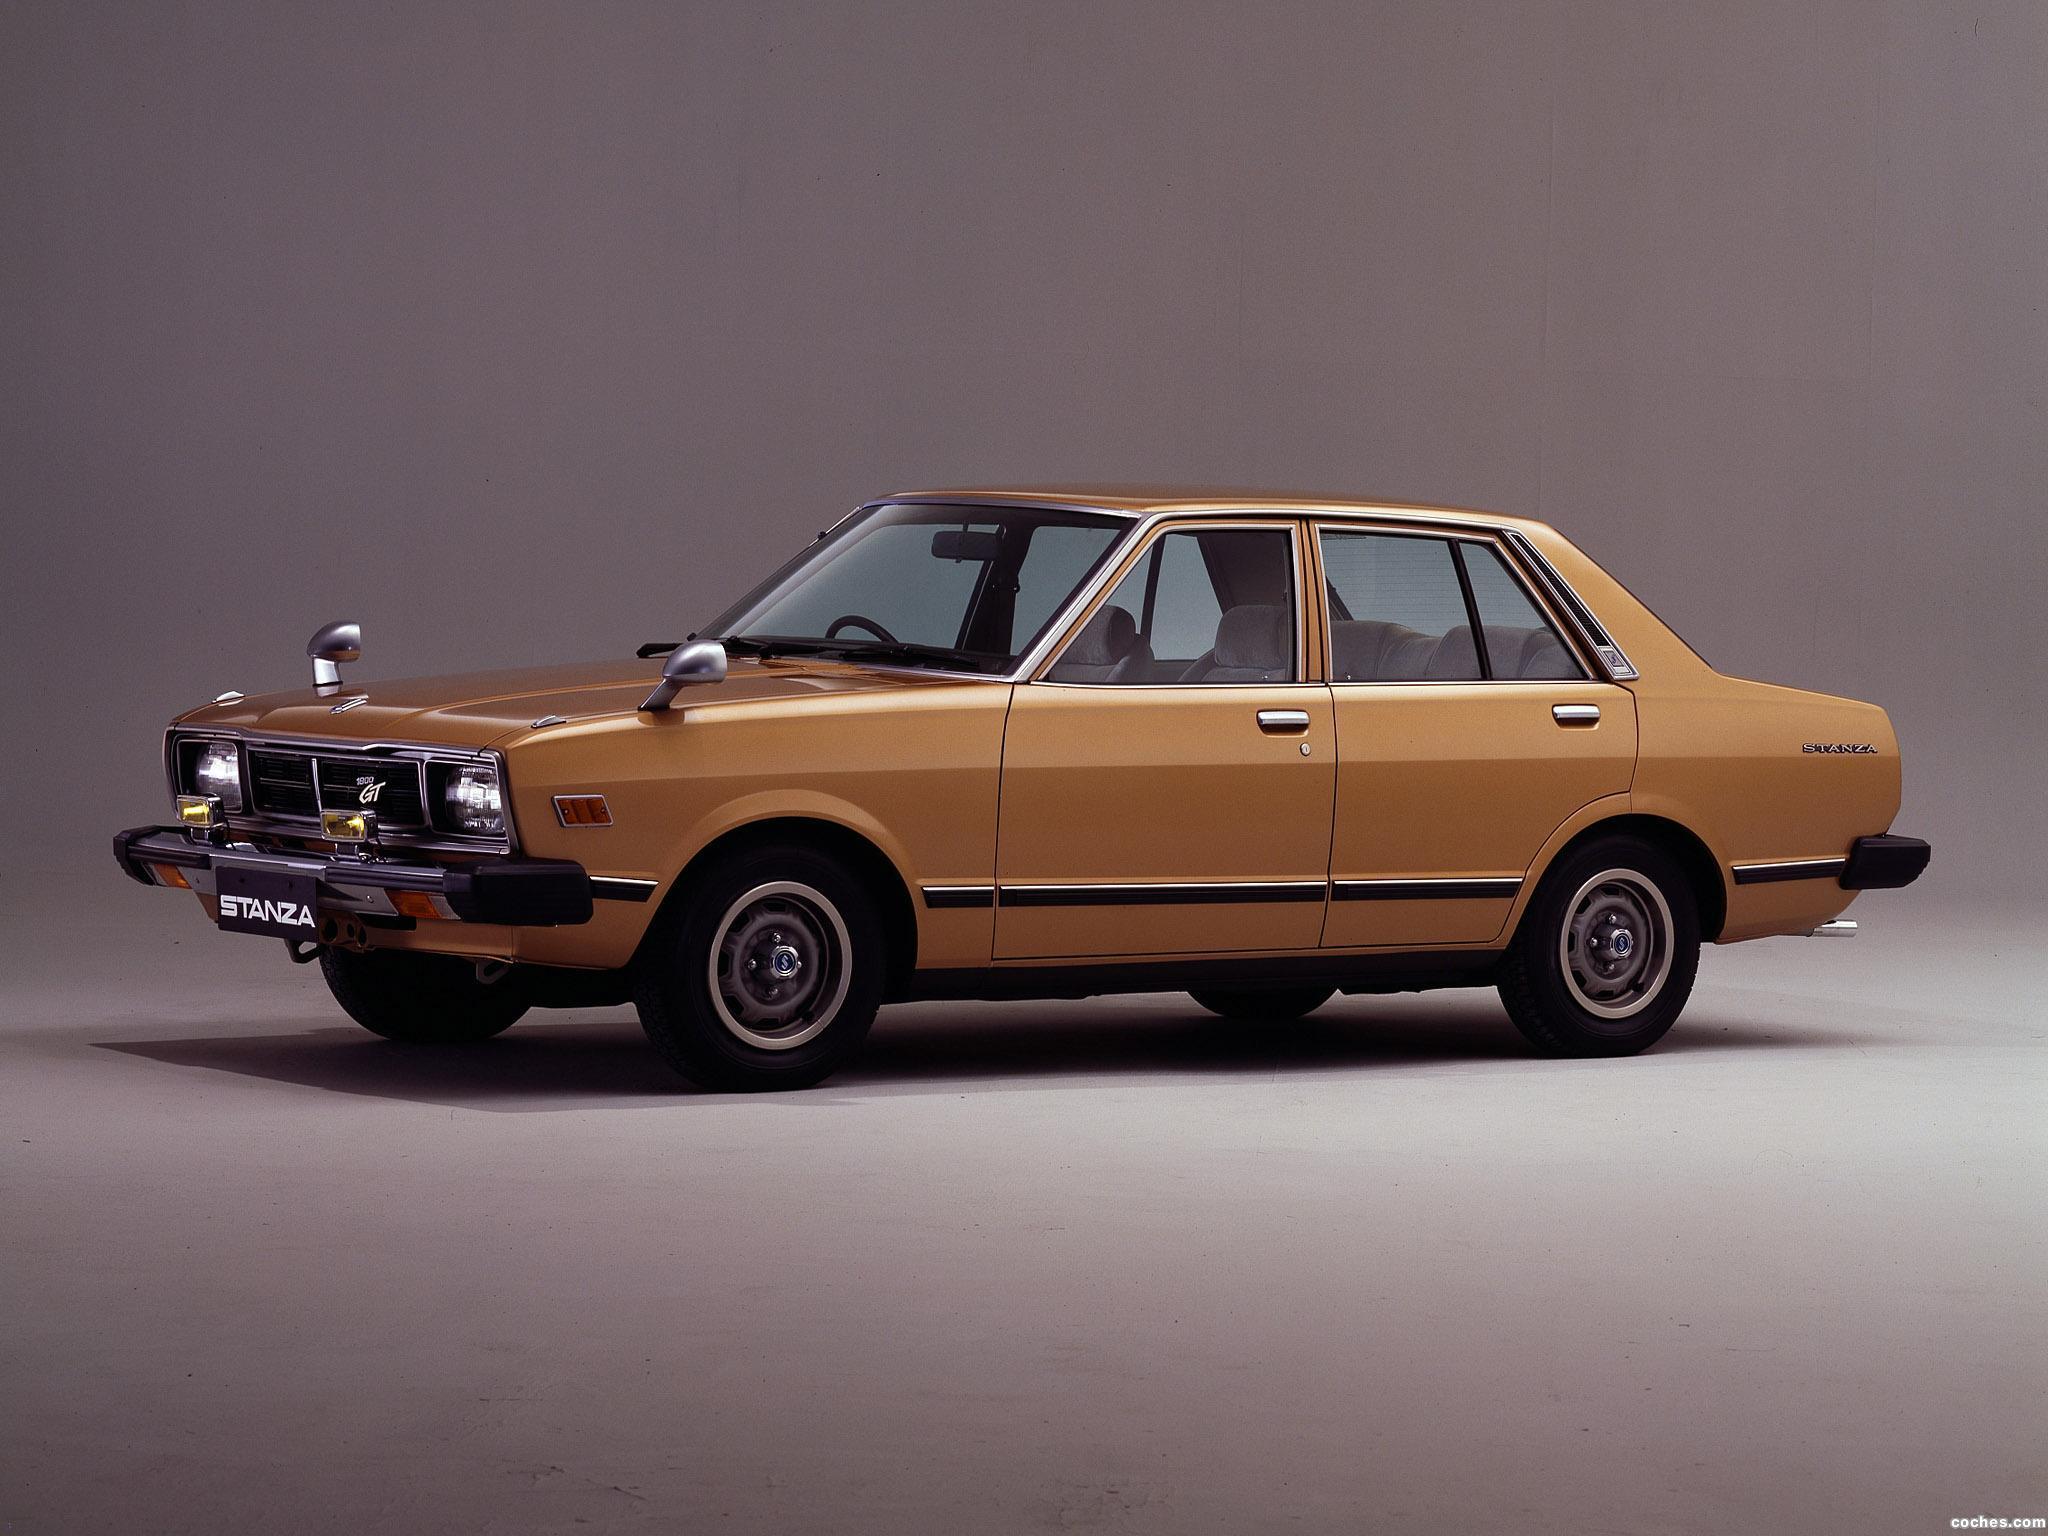 Foto 0 de Nissan Stanza Maxima GT T10  1978